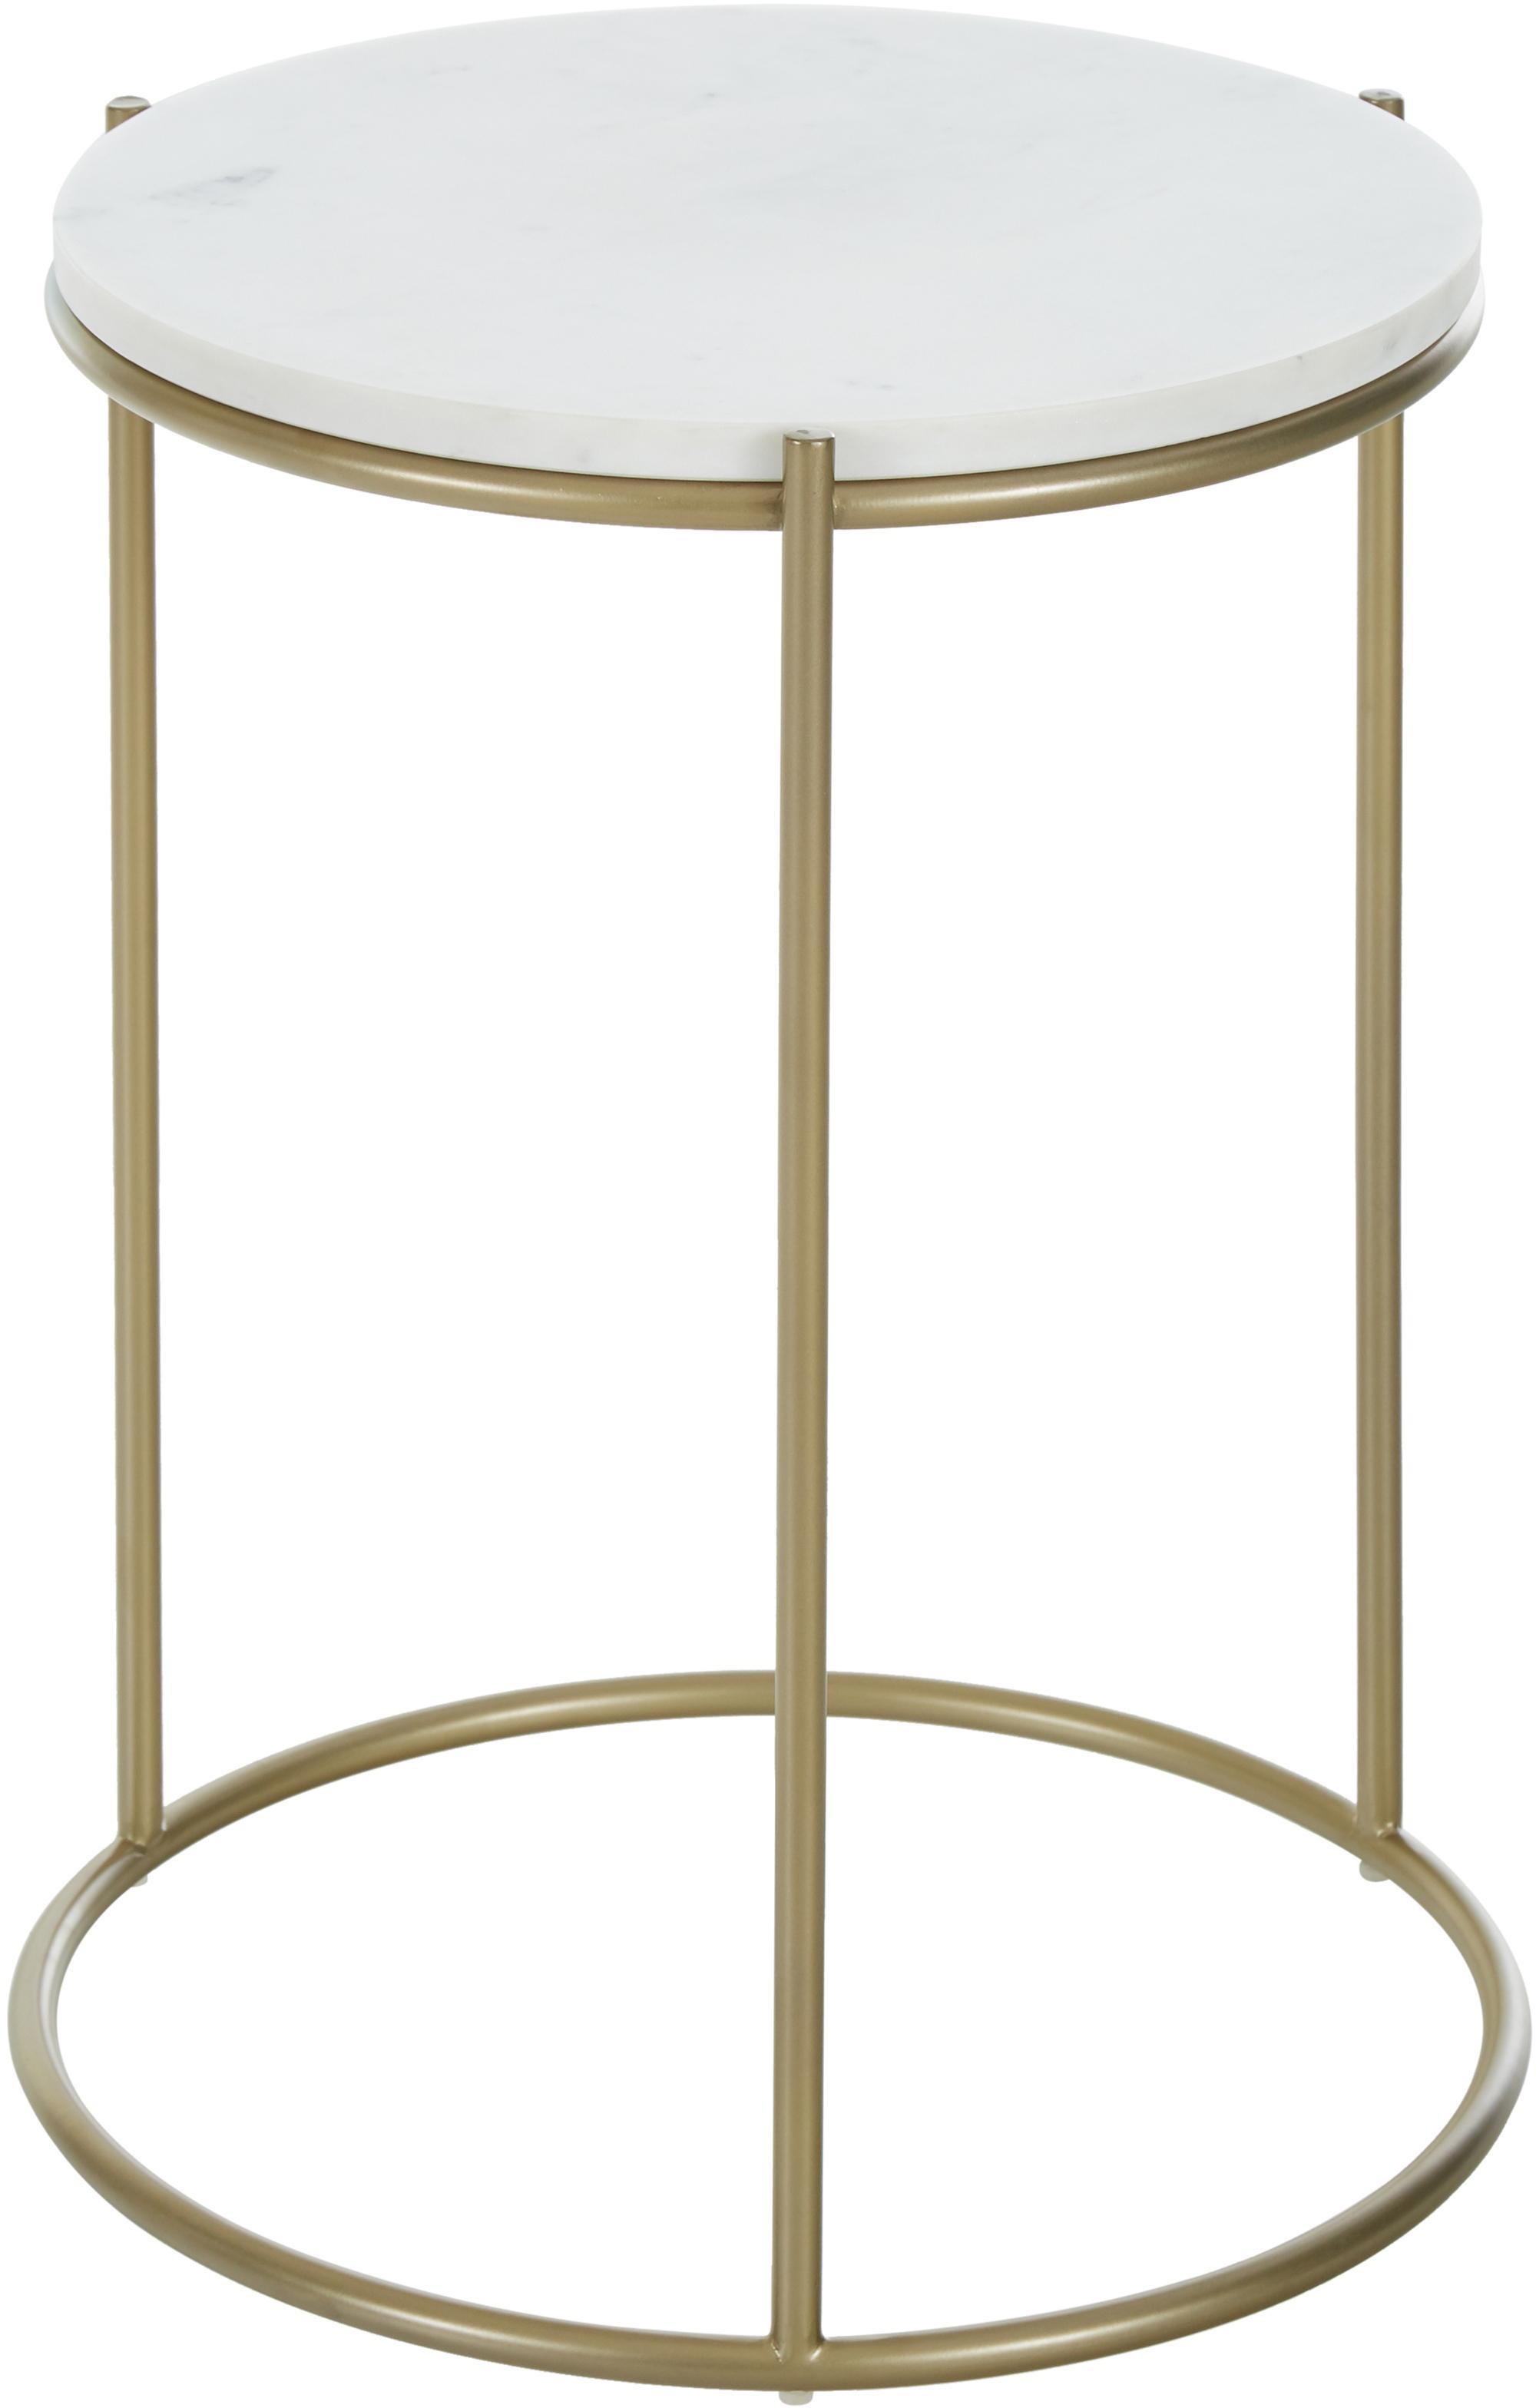 Okrągły stolik pomocniczy z marmuru Ella, Blat: marmur, Stelaż: metal malowany proszkowo, Blat: jasny marmur Stelaż: odcienie złotego, matowy, Ø 40 x W 50 cm